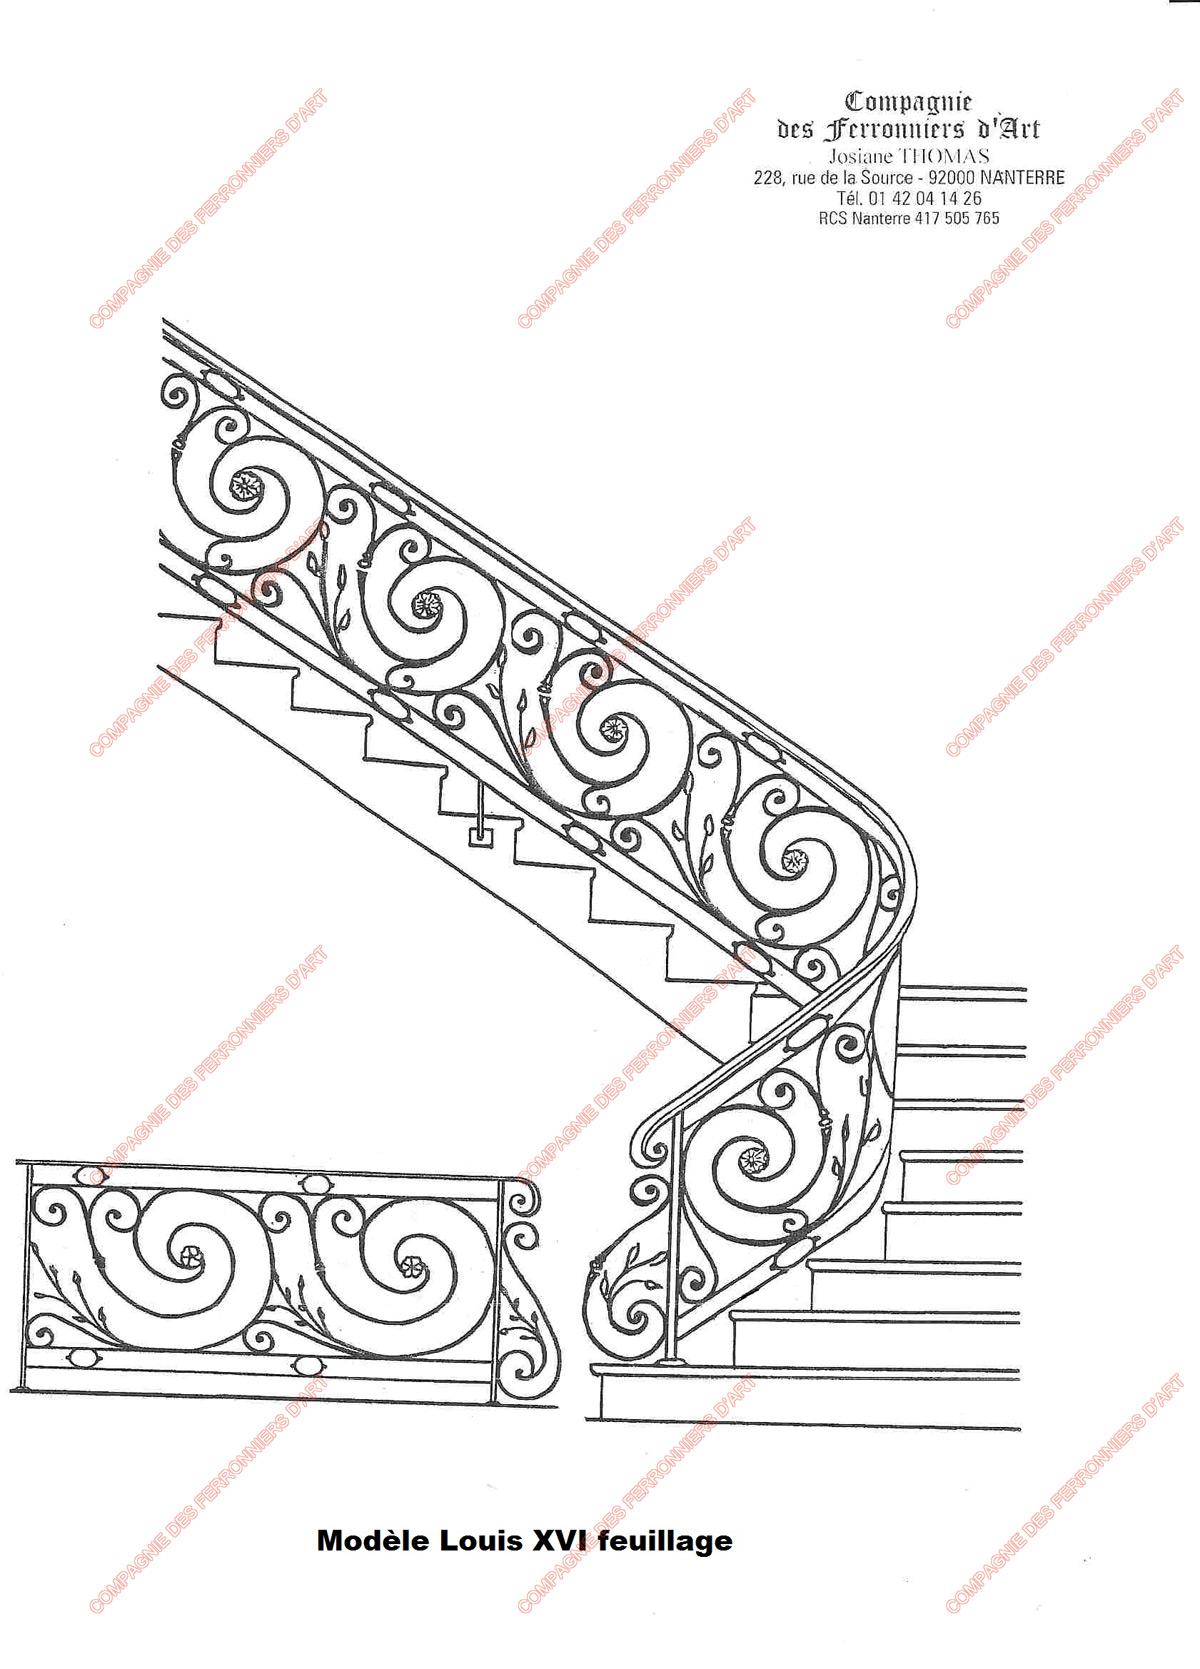 Rampes d 39 escalier en fer forg classique mod le louis xvi feuillage for Dessin en fer forge